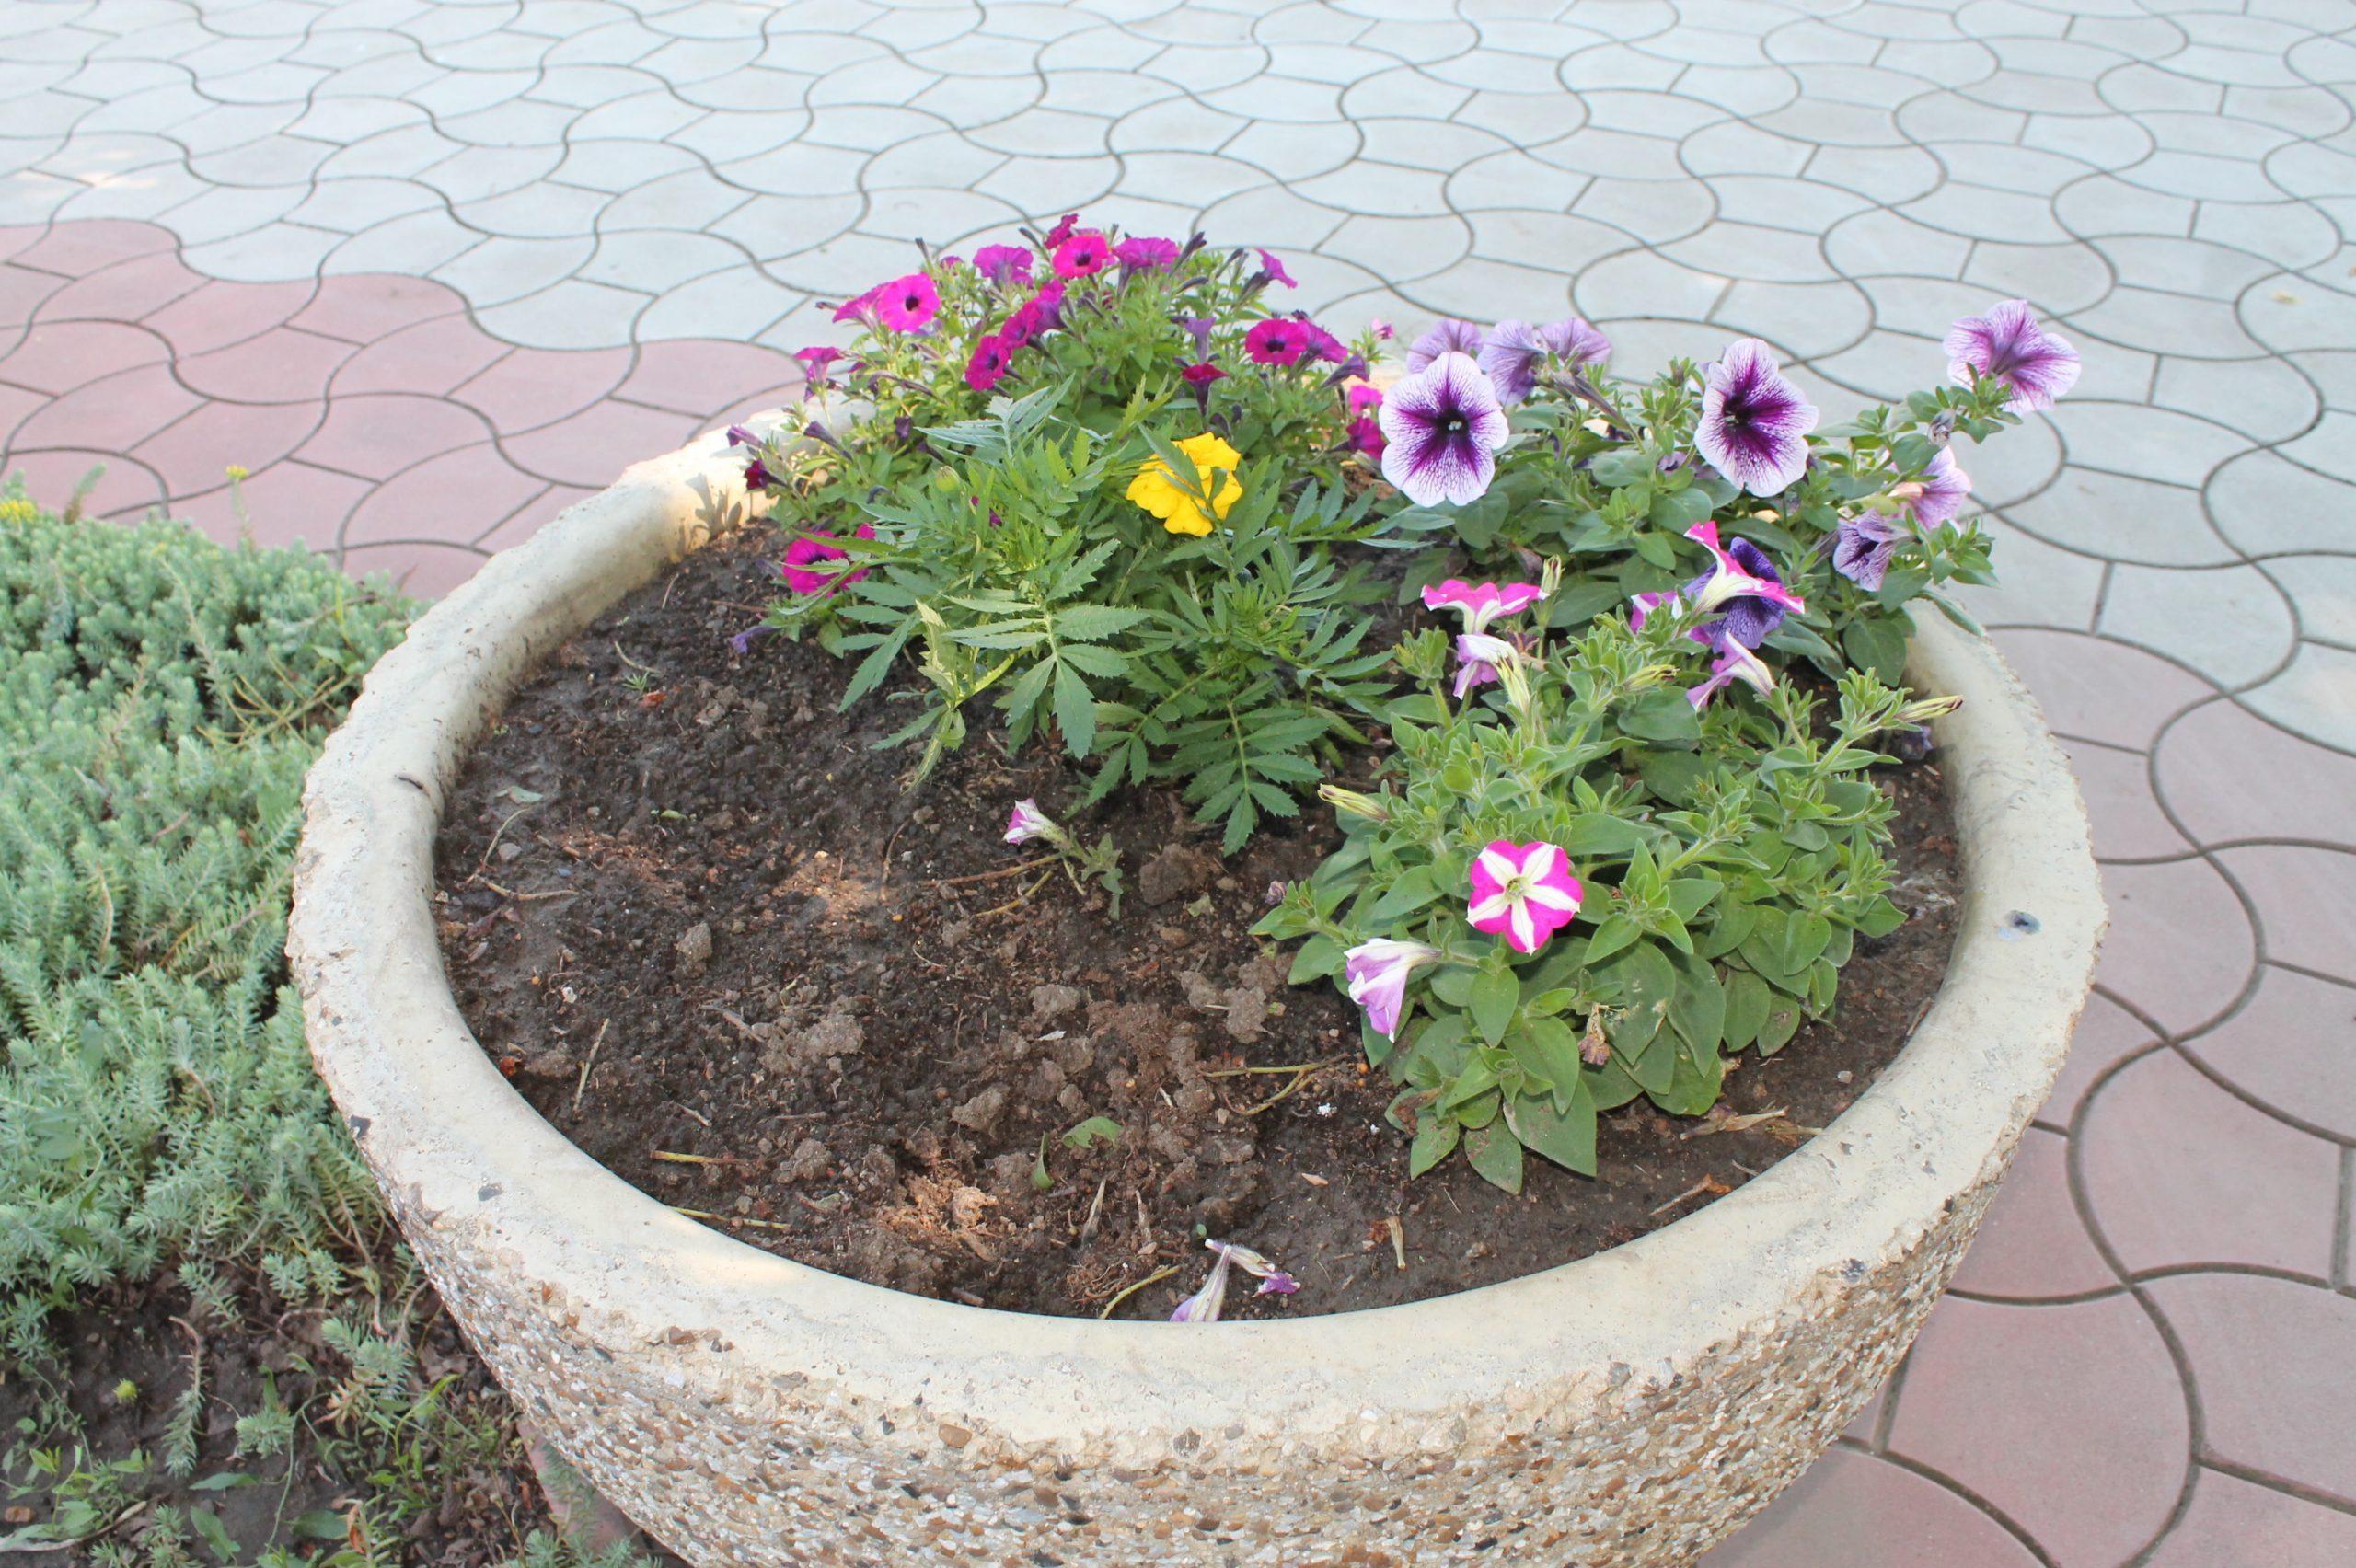 Flori abia plantate, deja furate